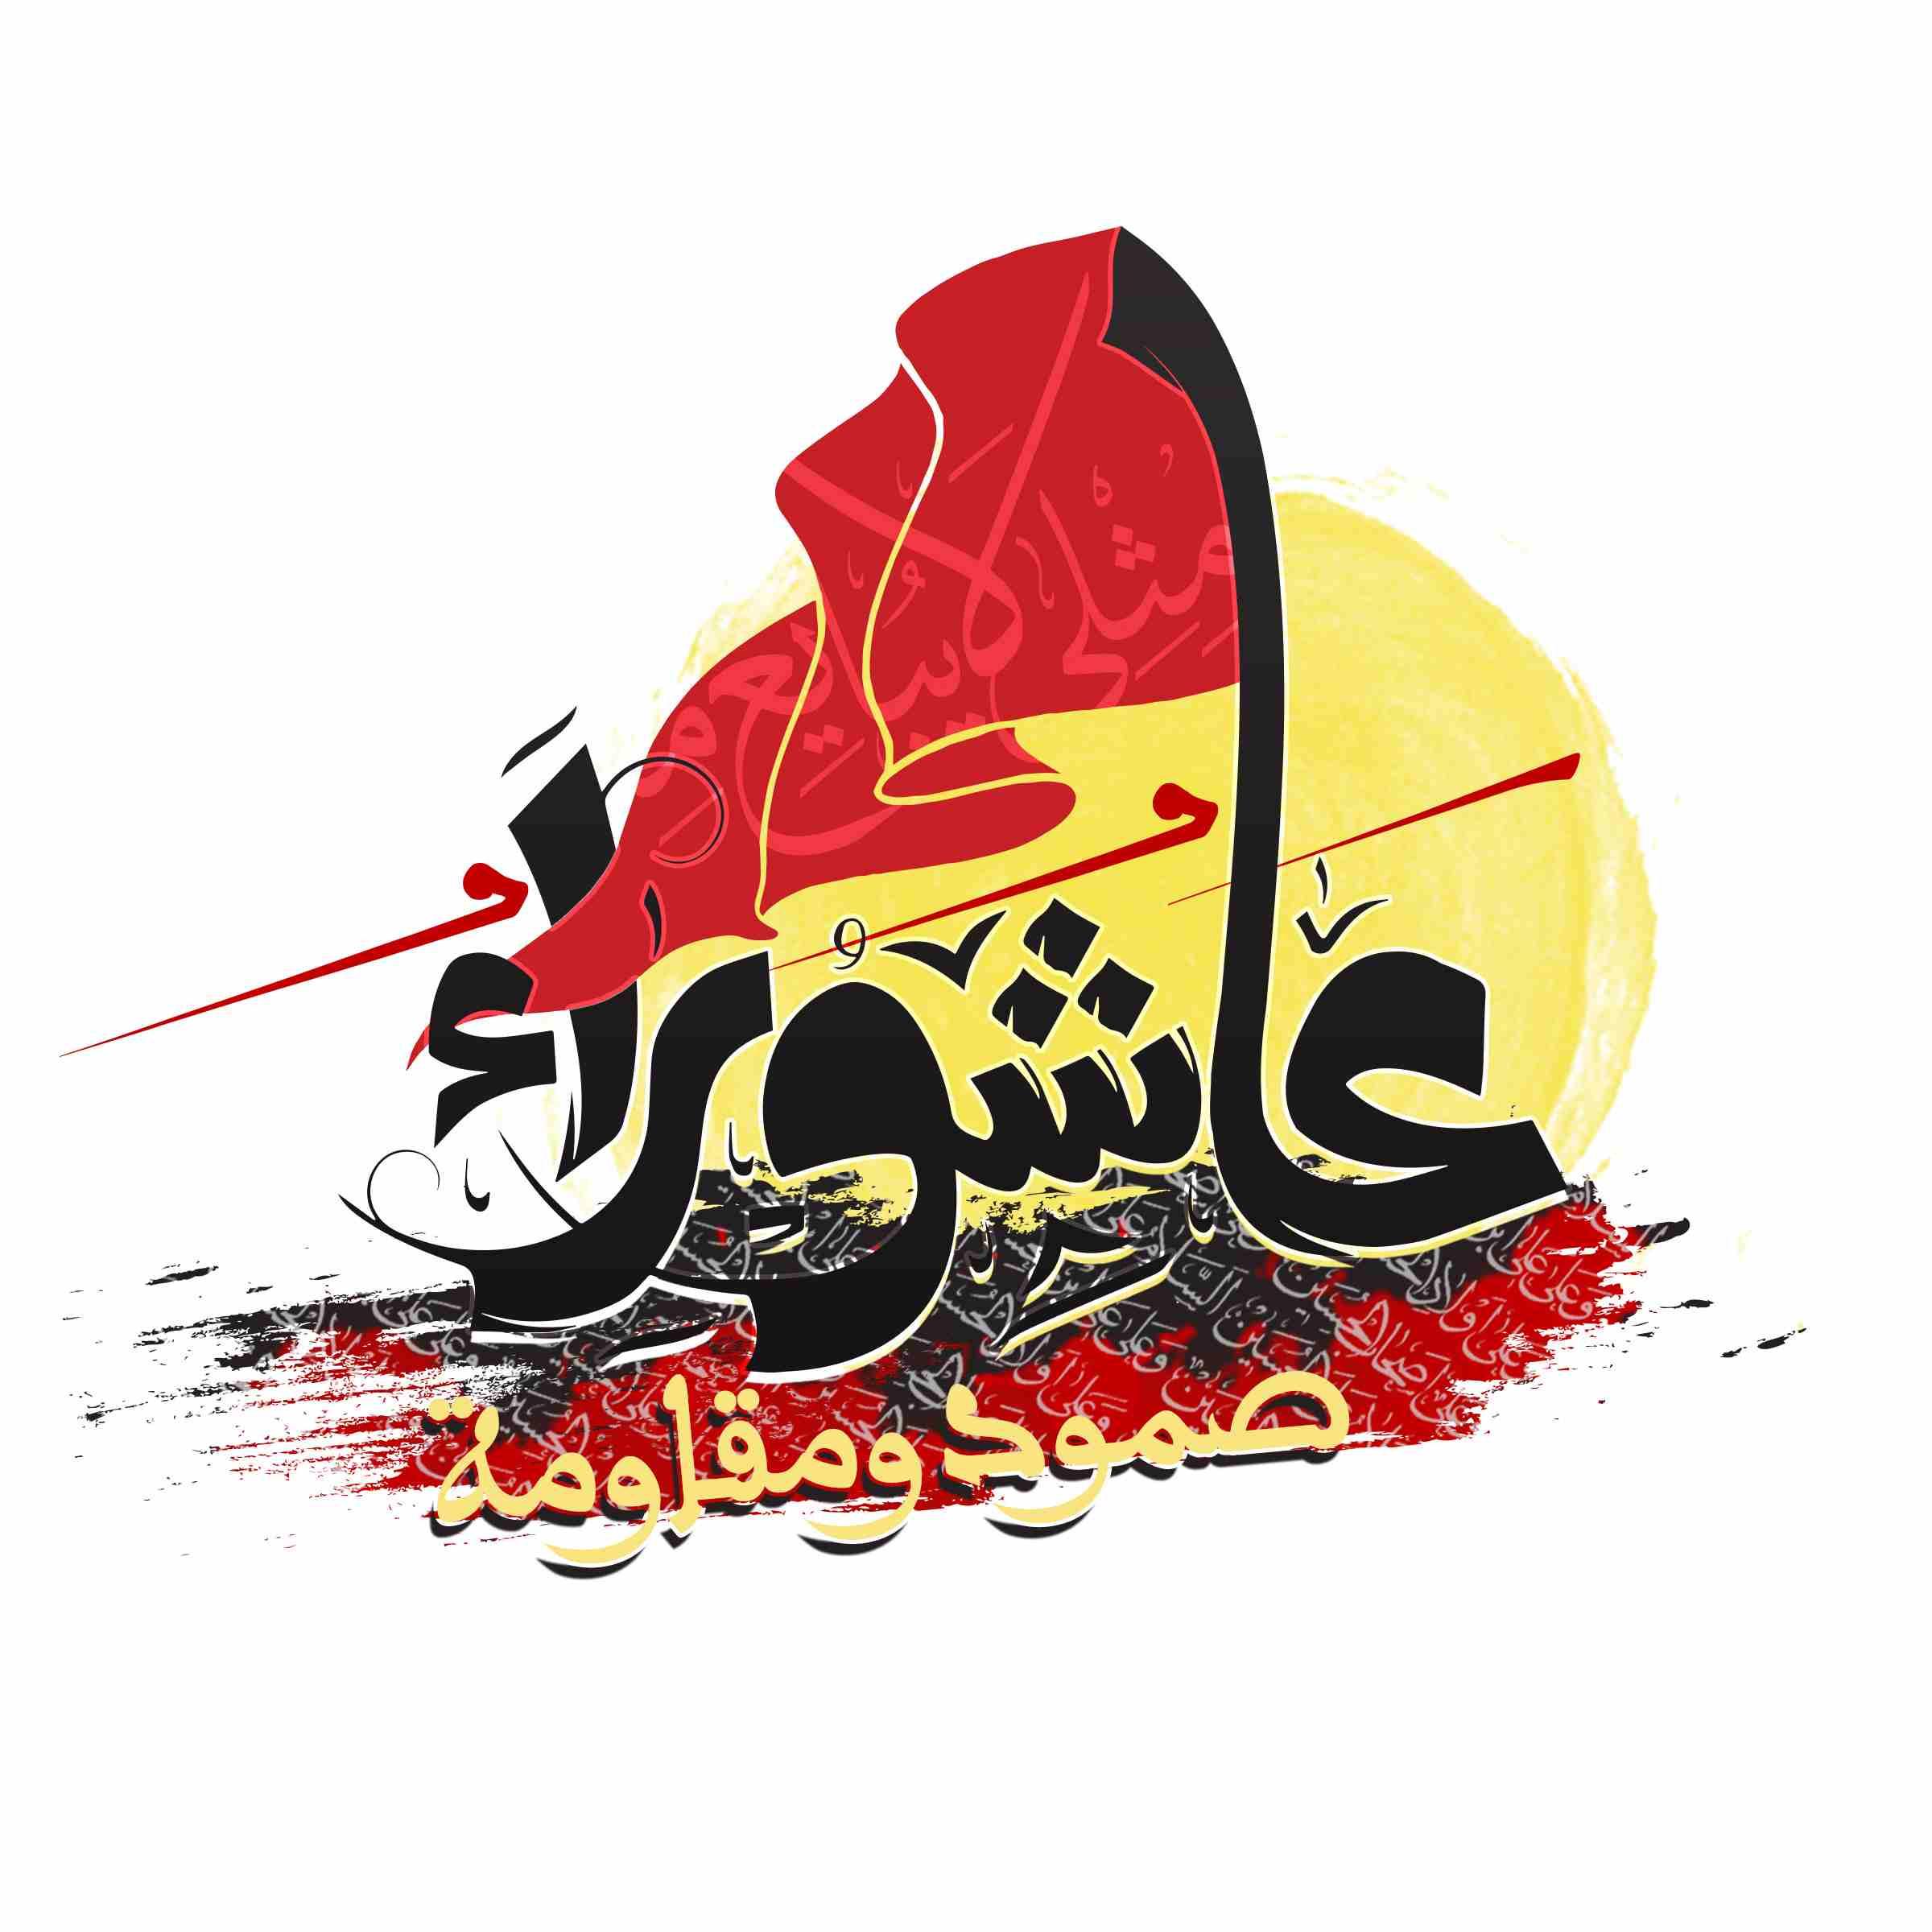 القوى الثوريّة المعارضة في البحرين: نعزّي شعب البحرين بذكرى عاشوراء ونوصي بالحضور الحاشد والكبير في العاصمة المنامة والدراز ليل العاشر ونهاره